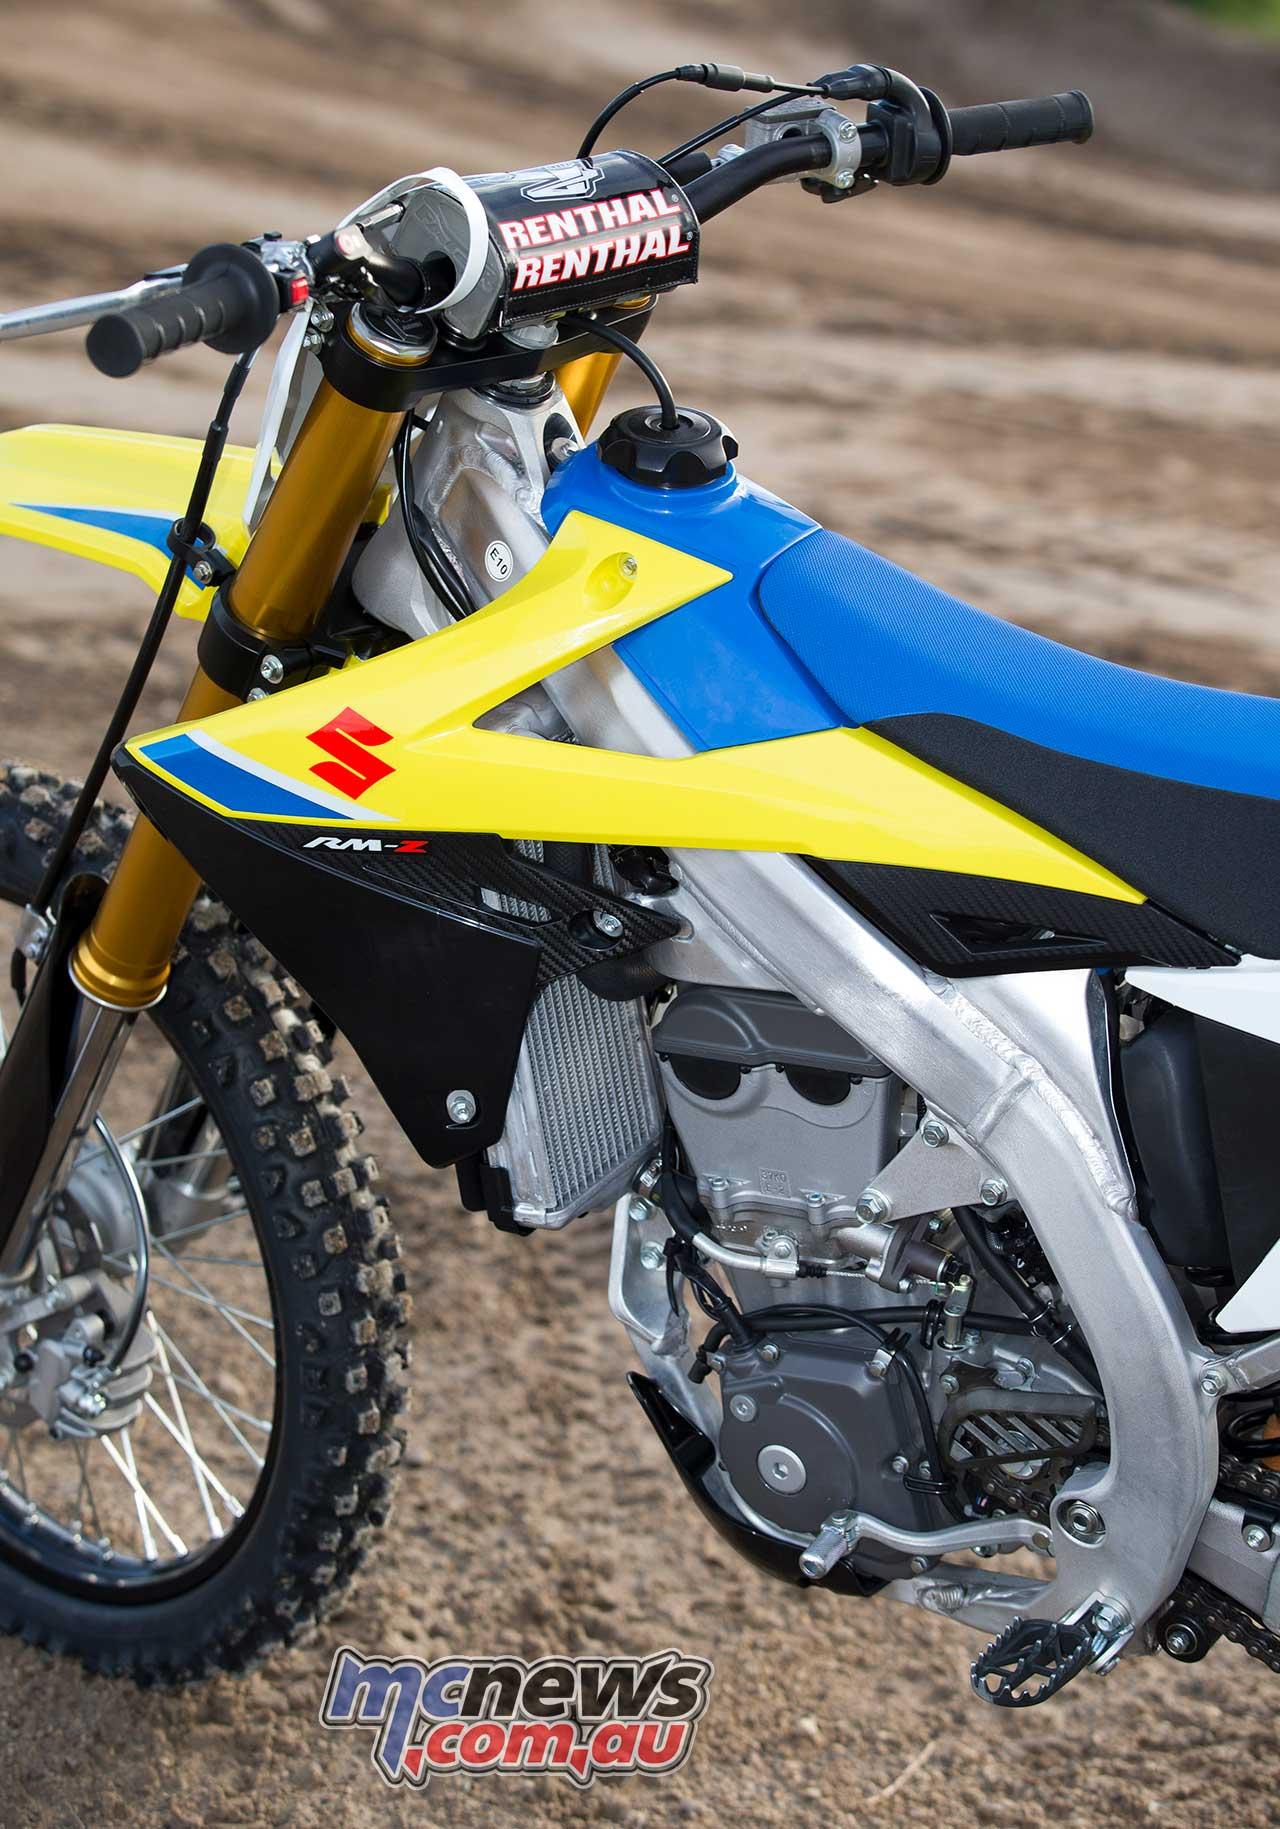 2018 Suzuki RM-Z450 Review | Motorcycle Test | MCNews com au